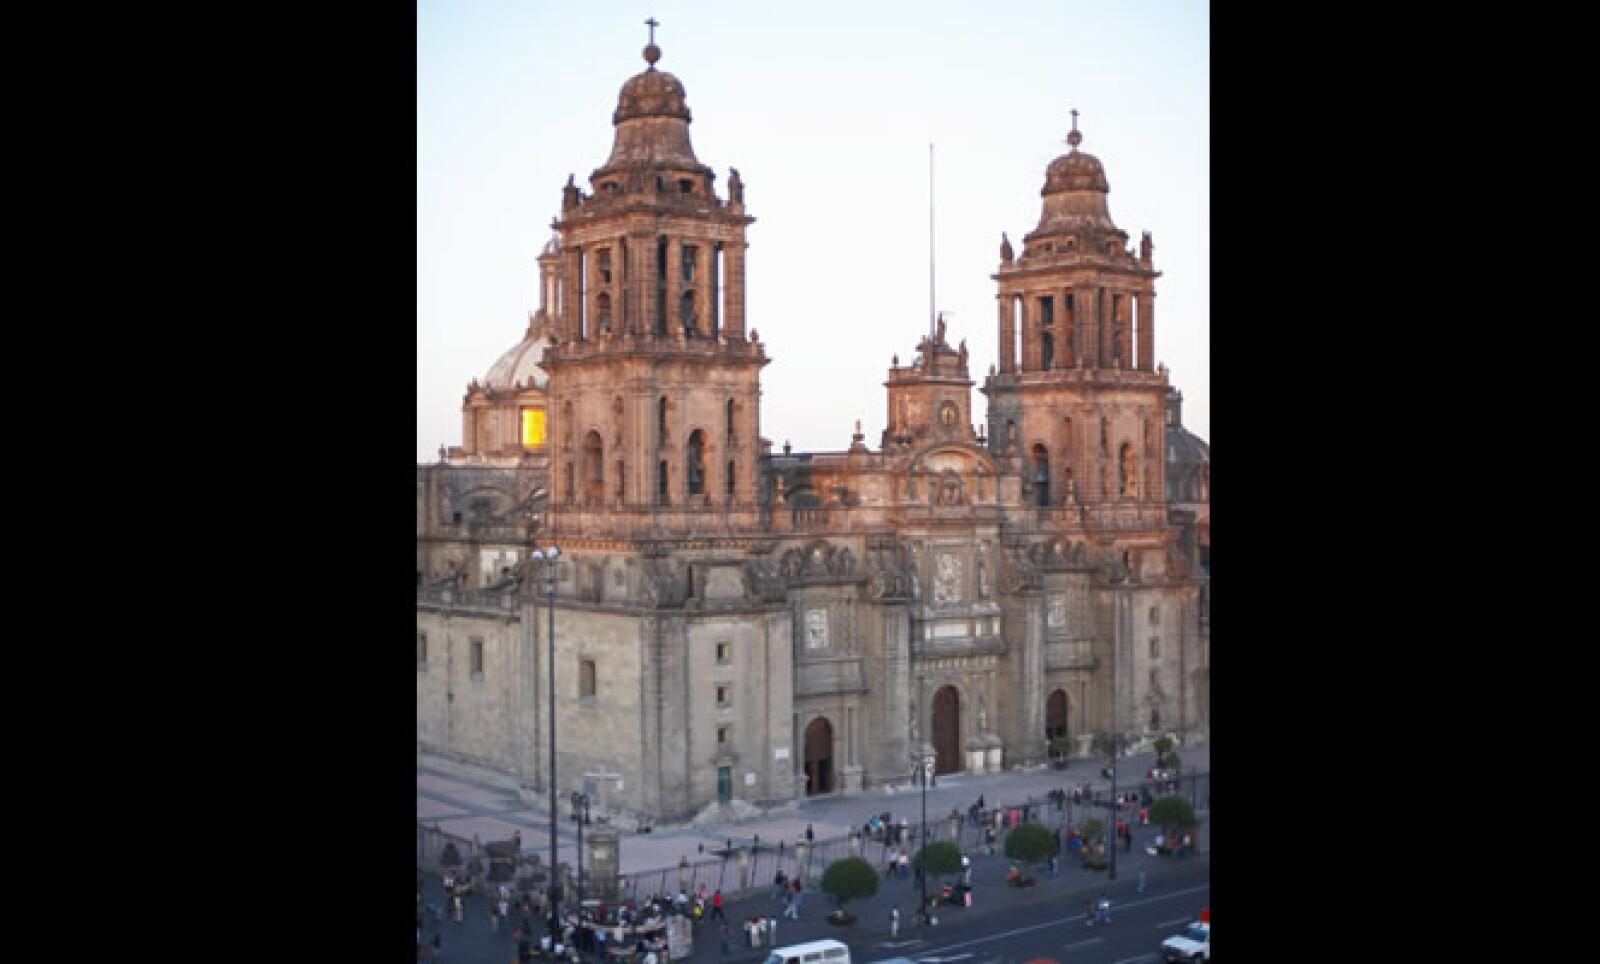 El trabajo de construcción de esta catedral empezaron en 1571, durante la conquista de México por parte de España. El arquitecto español Manuel Tolsá finalizó la construcción hasta 1813.